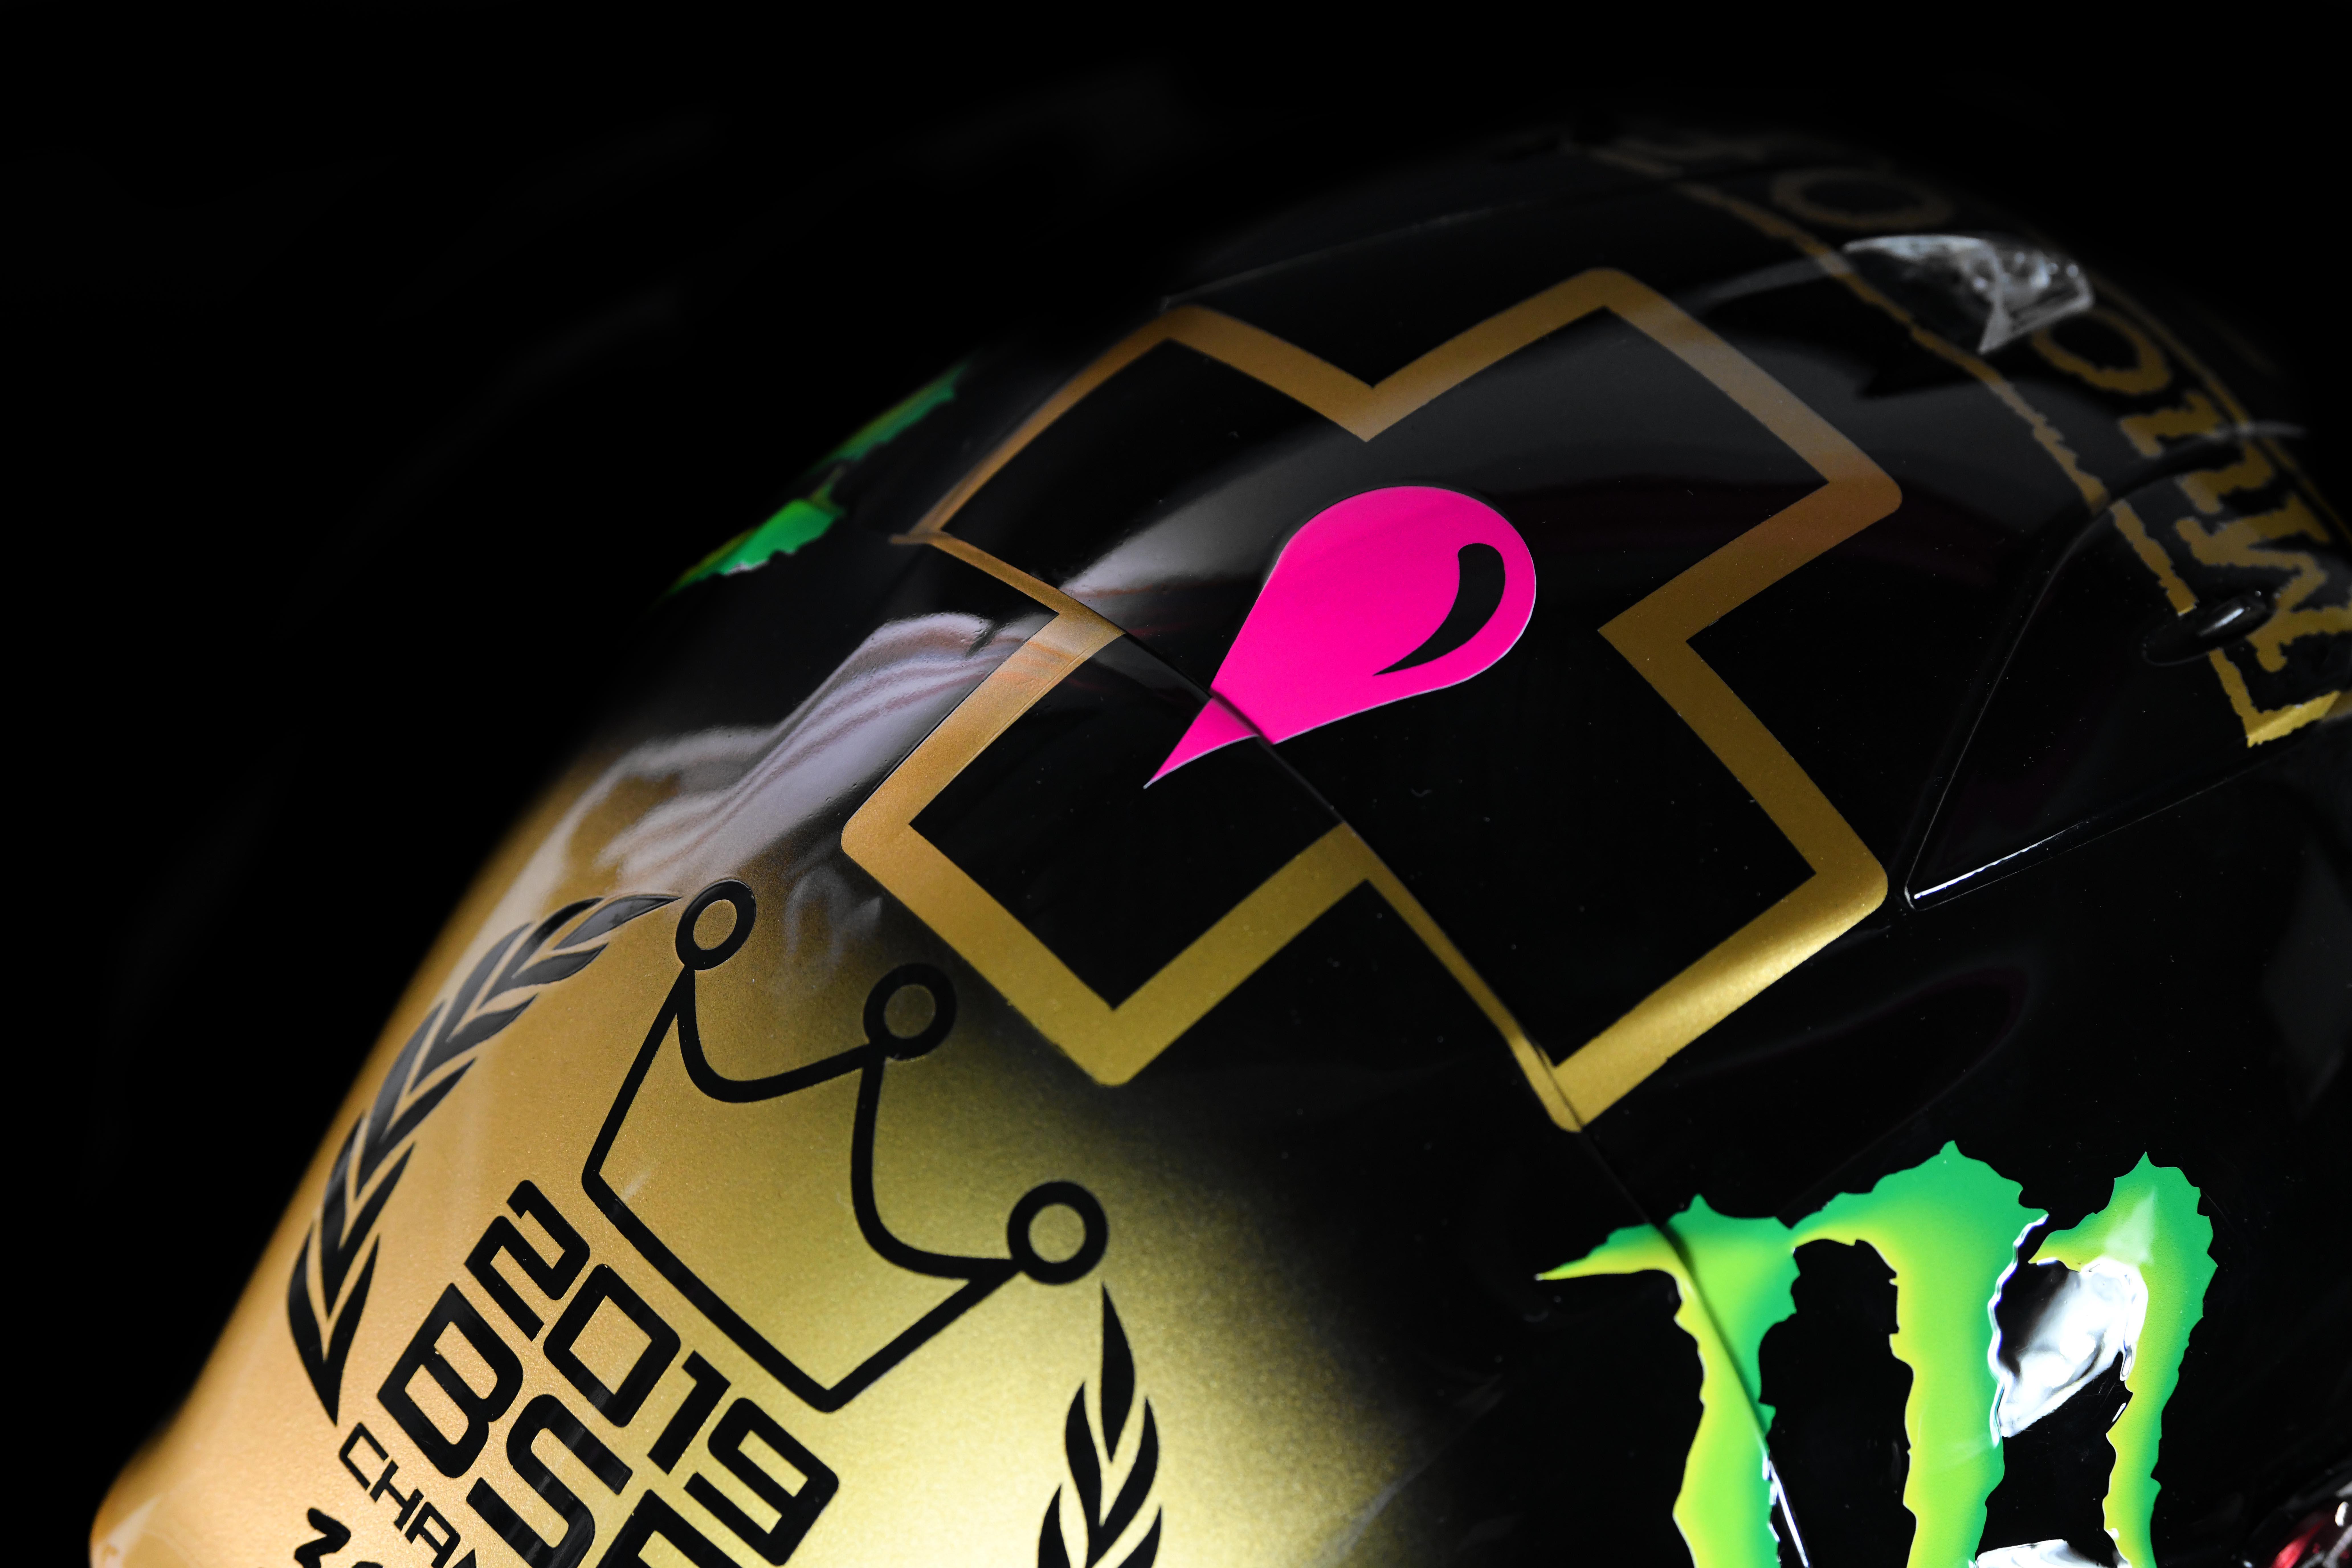 Scott Redding - Custom Helmet Image 5